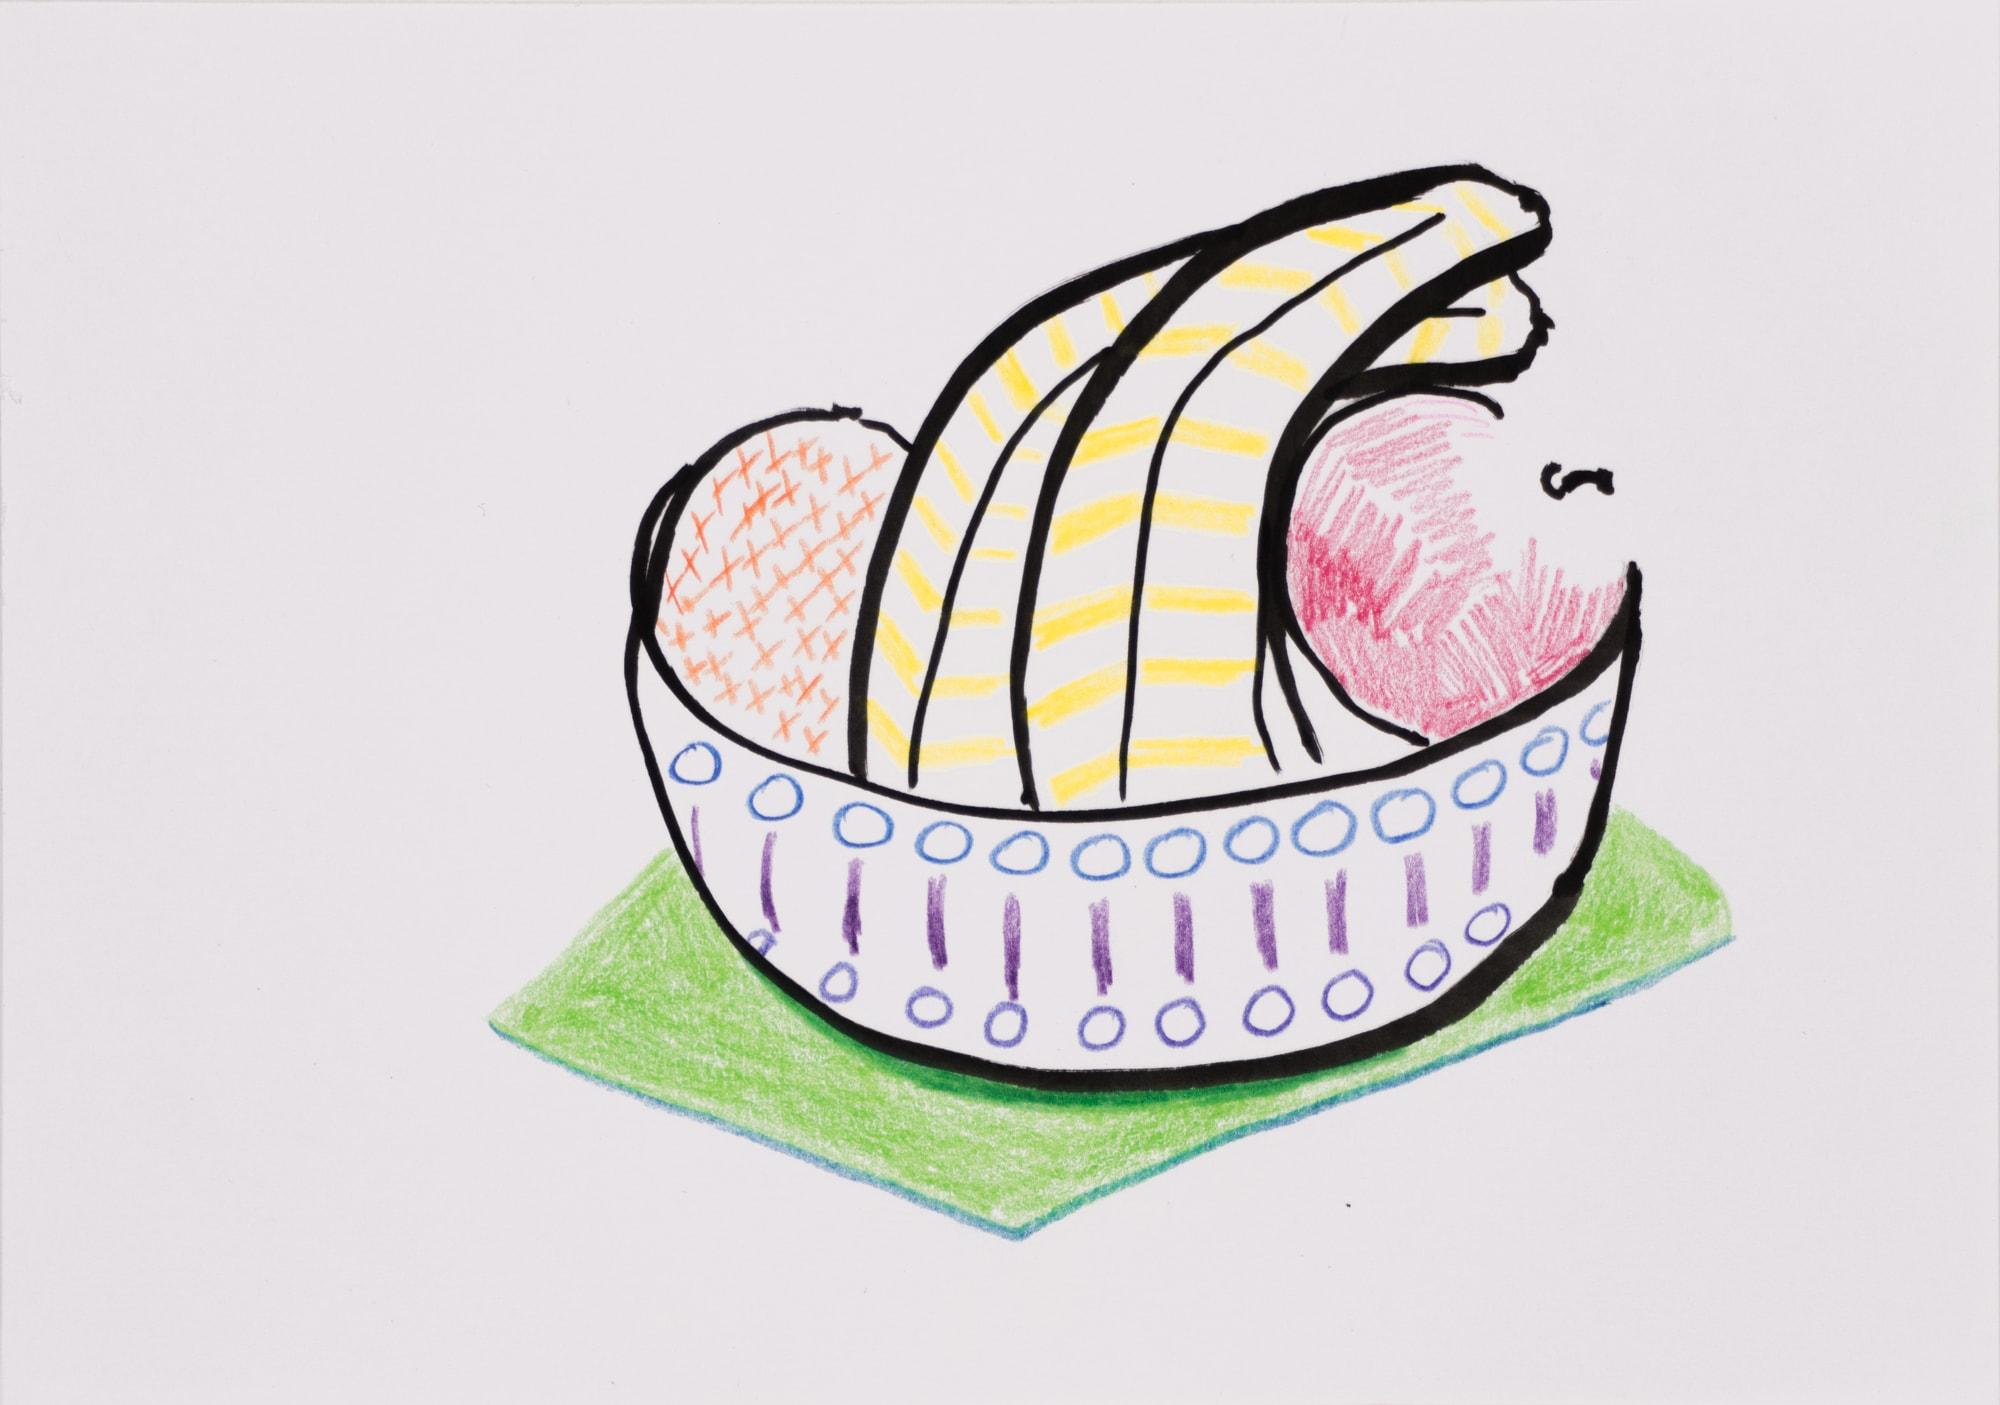 Zeichnung, Farbstift und Tusche auf Papier, 20,8x14,8cm, Obstschüssel mit Apfel, Banane und Ananas, Künstlerin: Franziska King